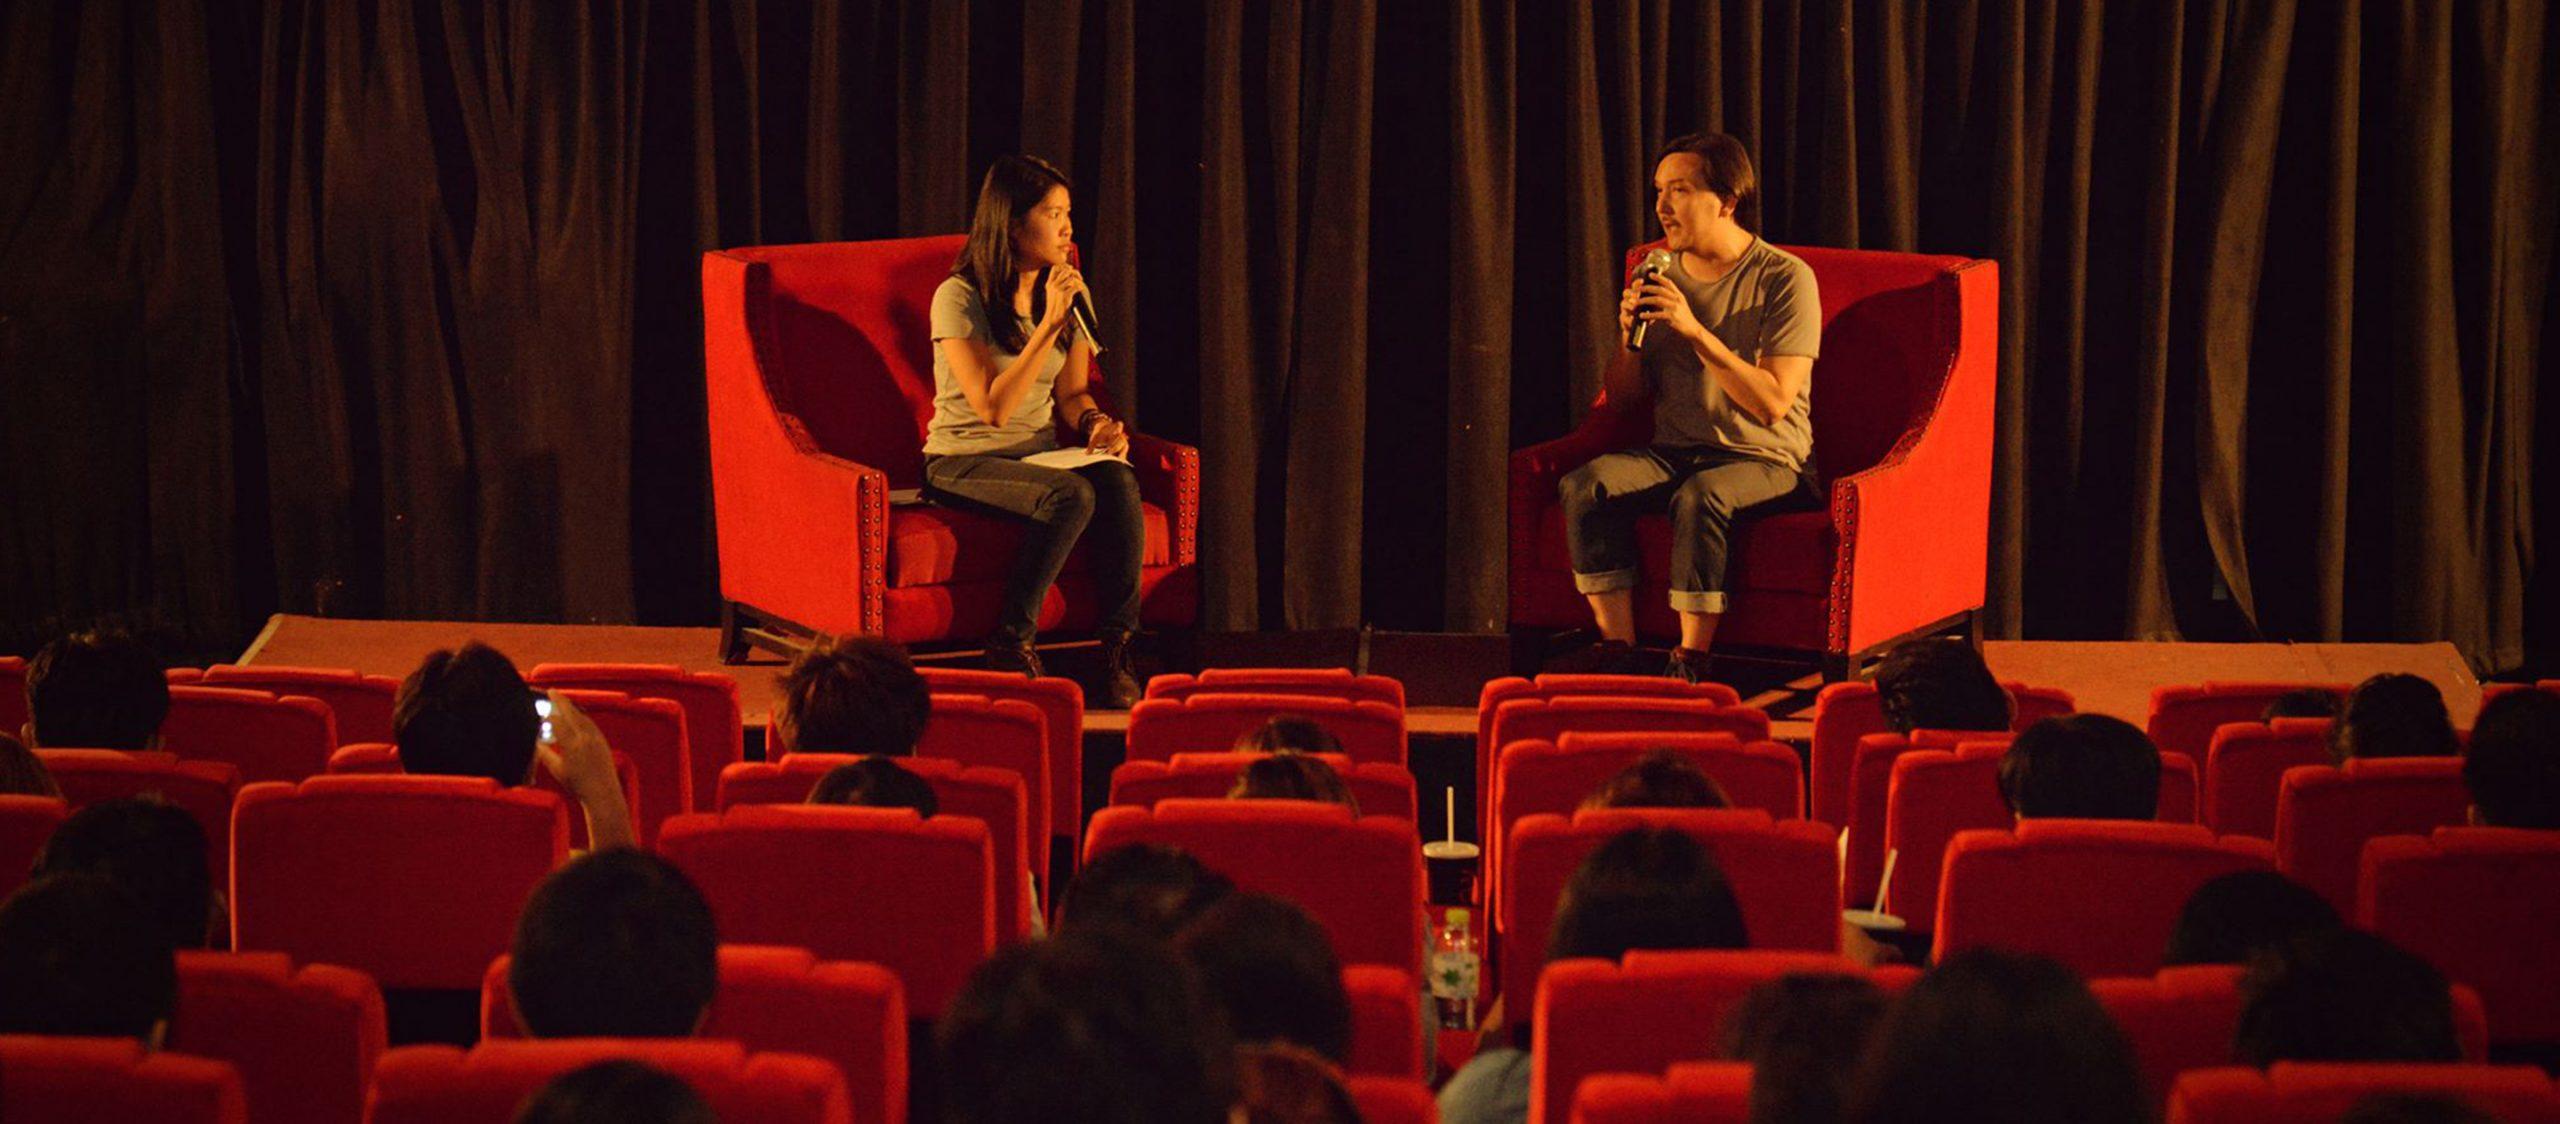 ชลัท Homeflick : ชายหนุ่มผู้กลับบ้านมาทำห้องฉายหนังเพื่อชวนคนรักหนังในโคราชมารวมกัน